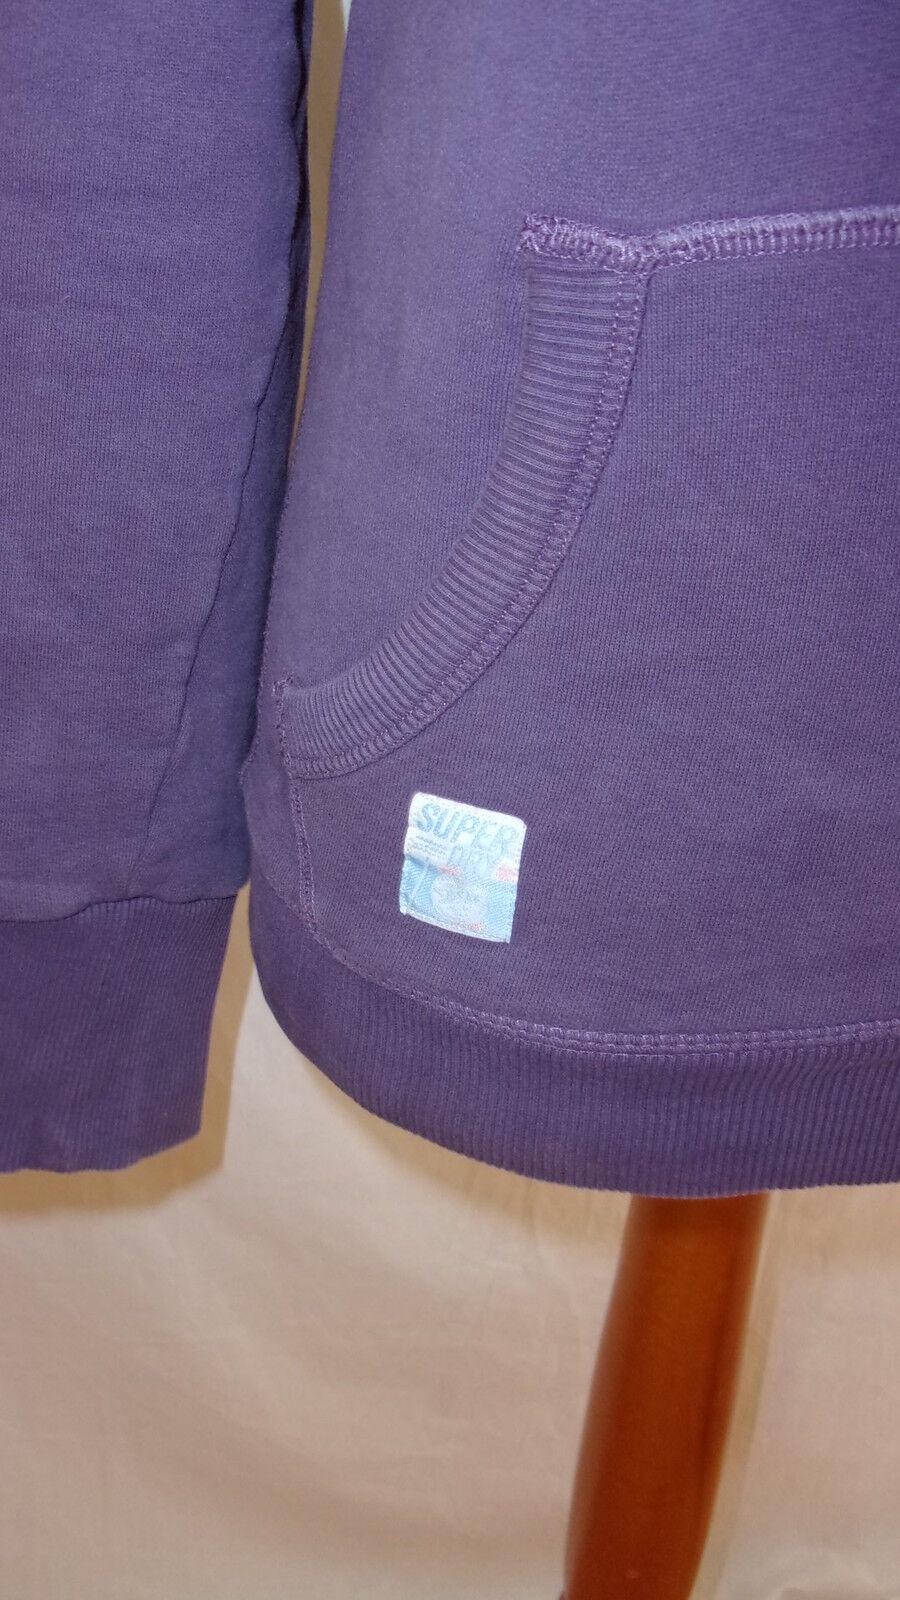 Sweat Superdry purple size size size S à - 48% 2bcc7b